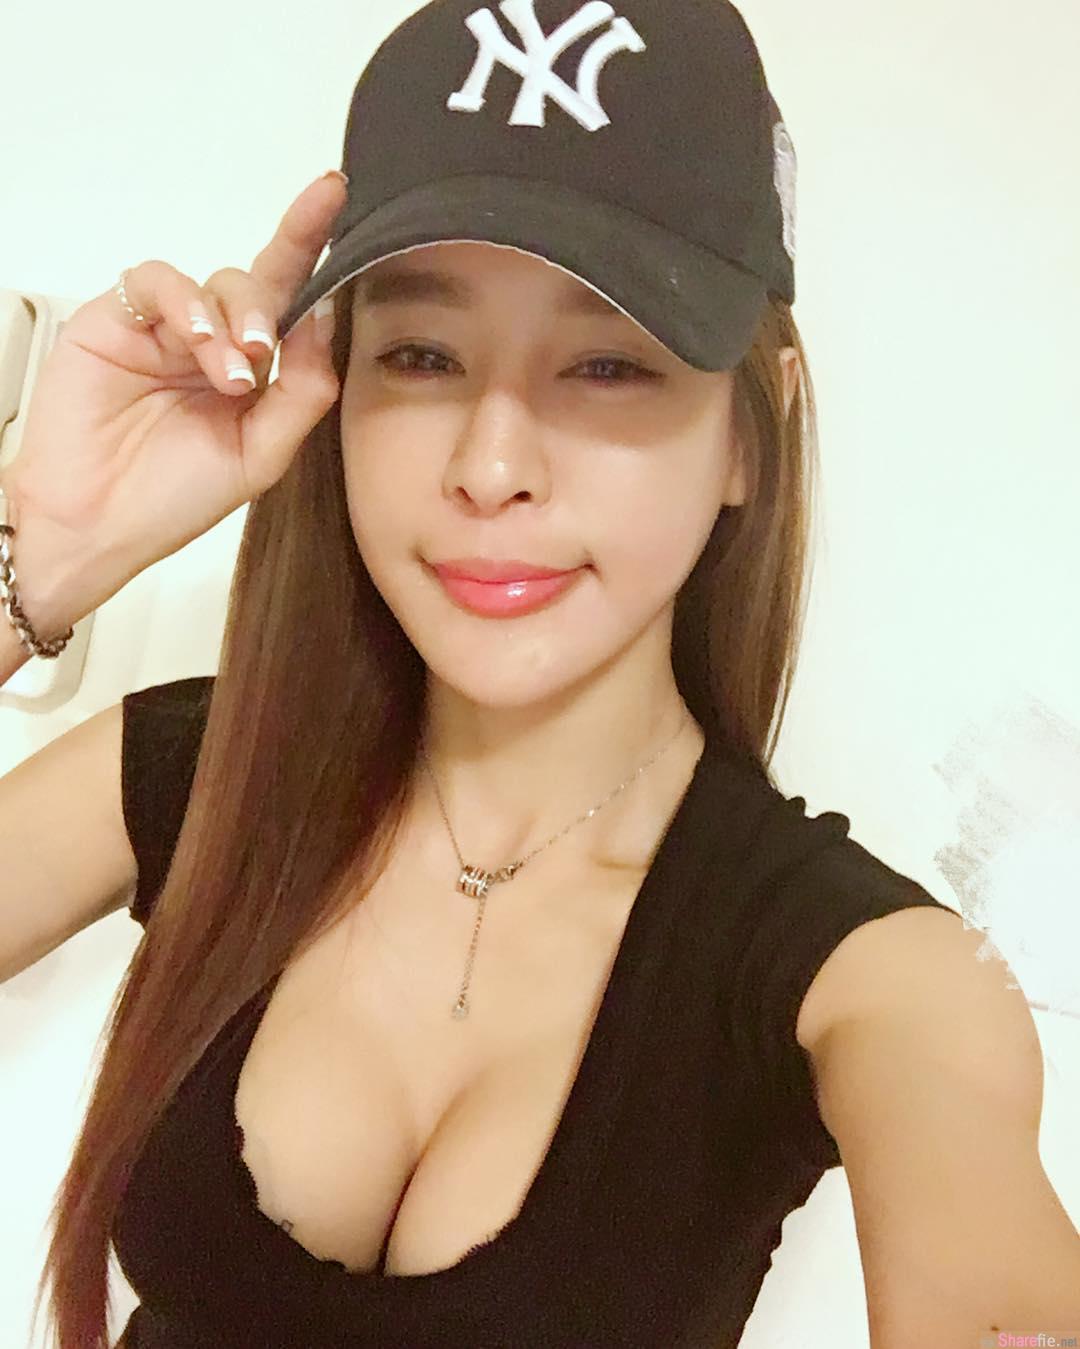 爆乳正妹Aurora Wu,一网打尽食客眼球